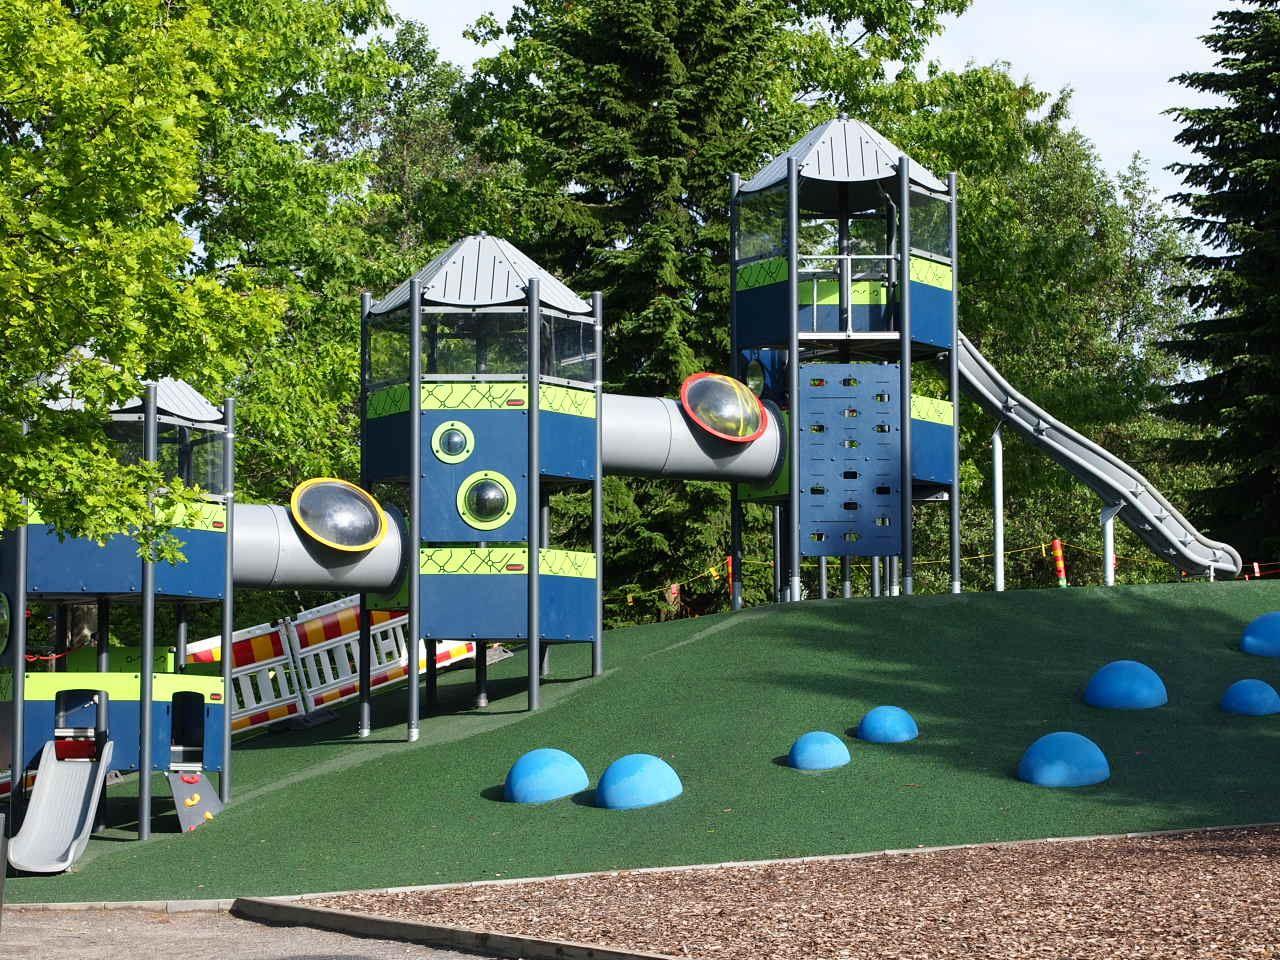 Laune Family Park